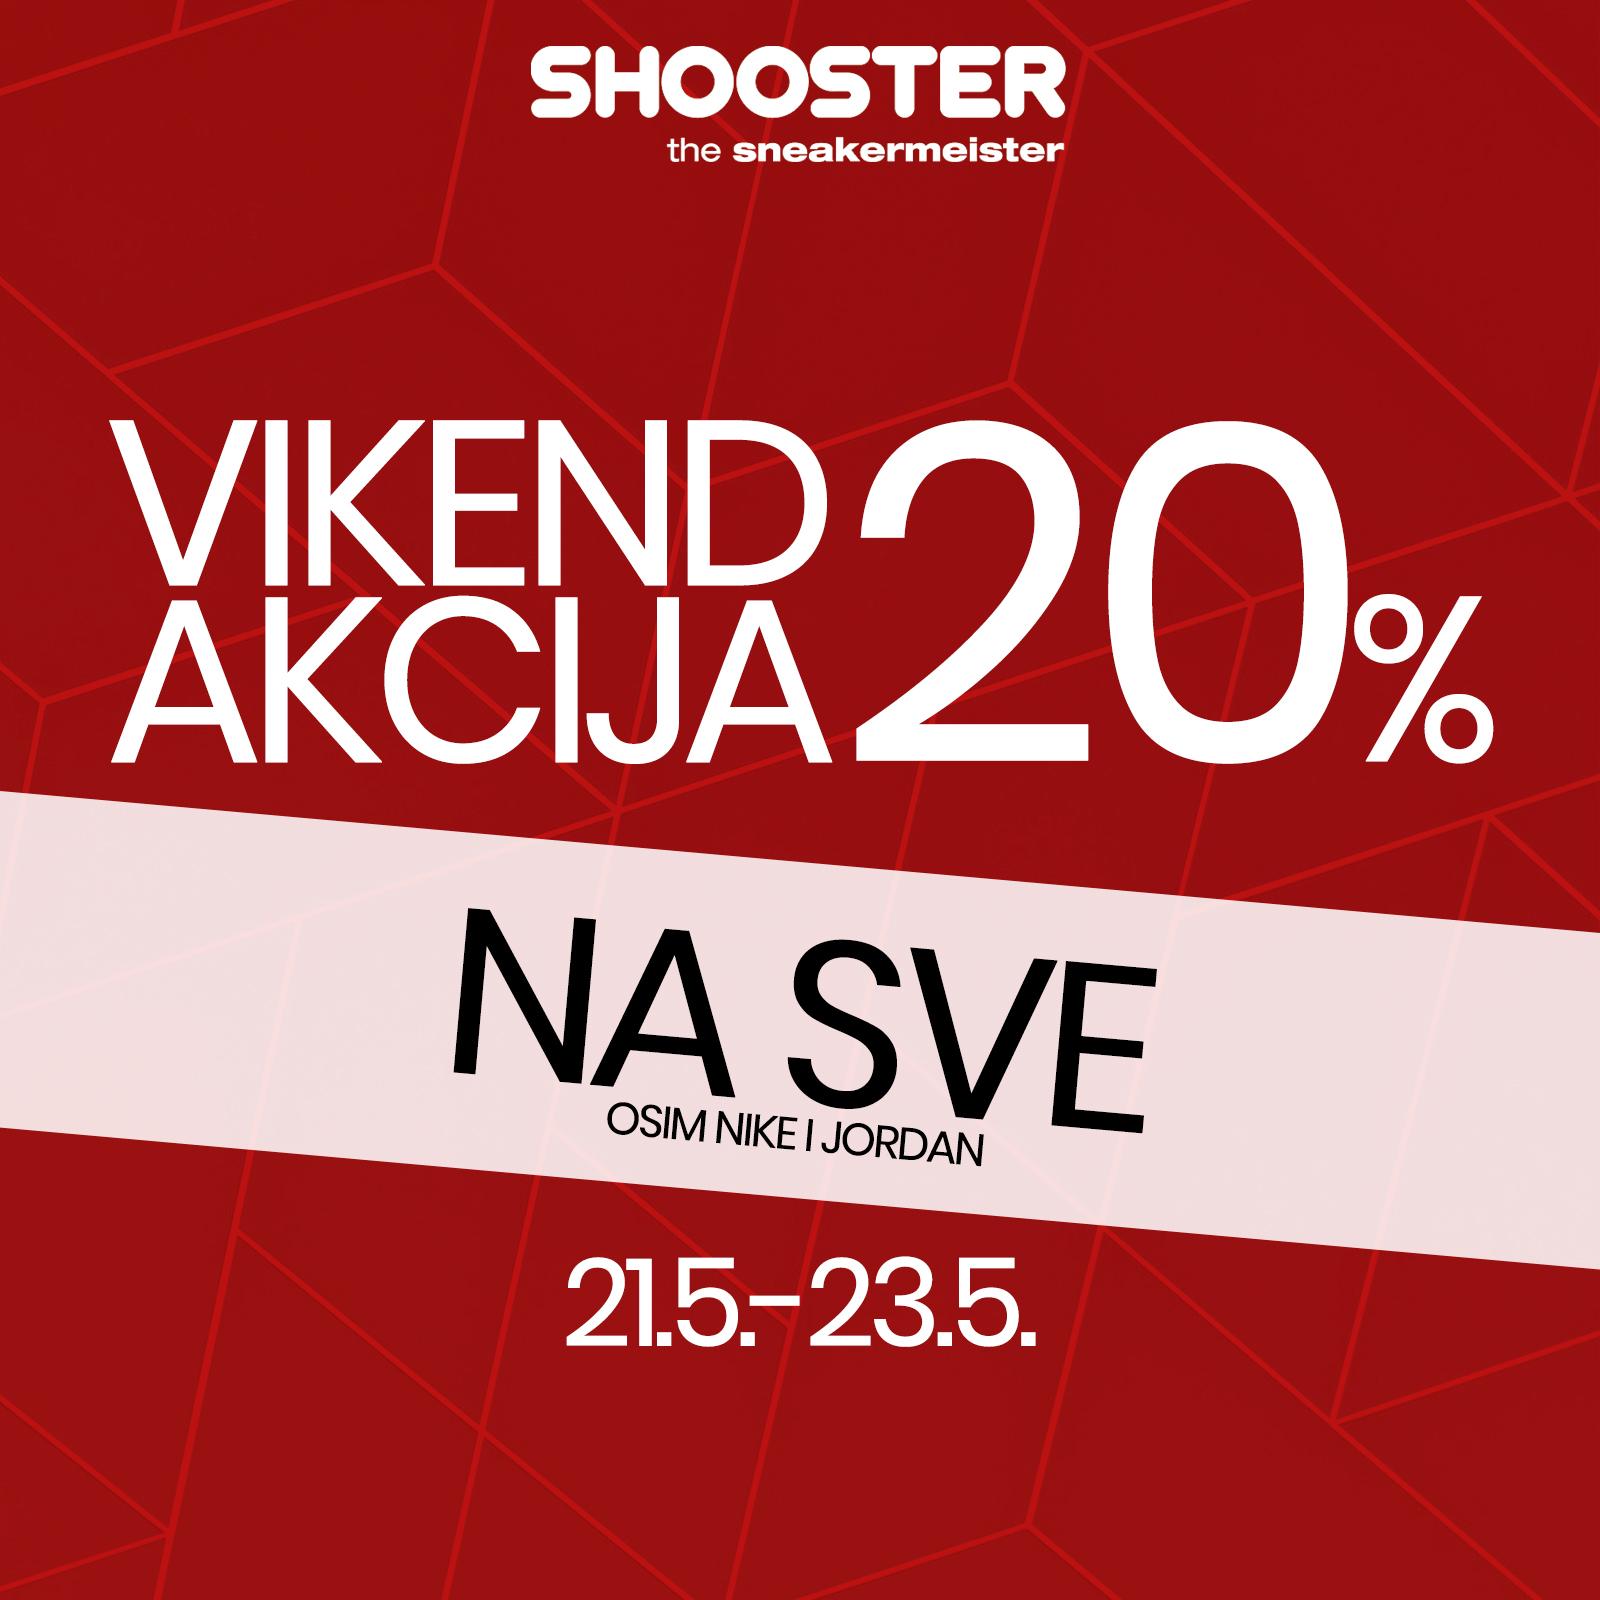 SHS-vikend-akcija-20%-sve-3-1600x1600